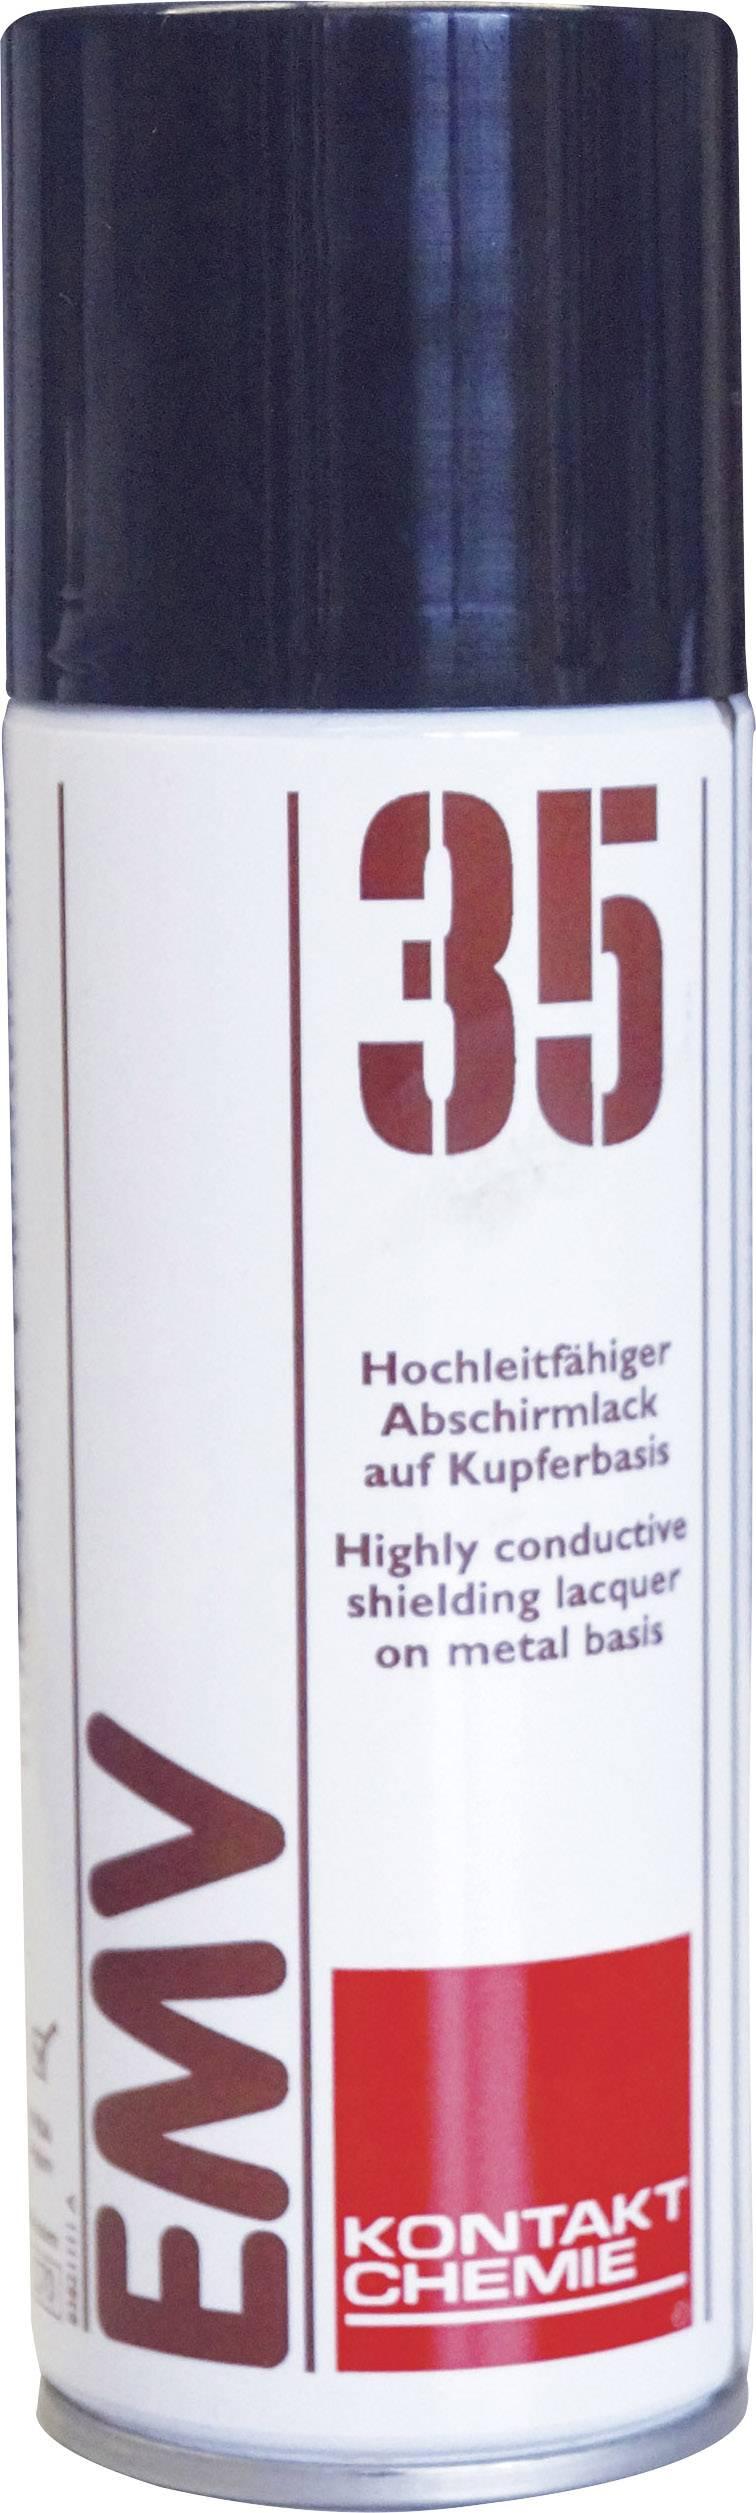 Sprej pre elektromagnetické tienenie CRC Kontakt Chemie EMV 35 77509-AA, 200 ml